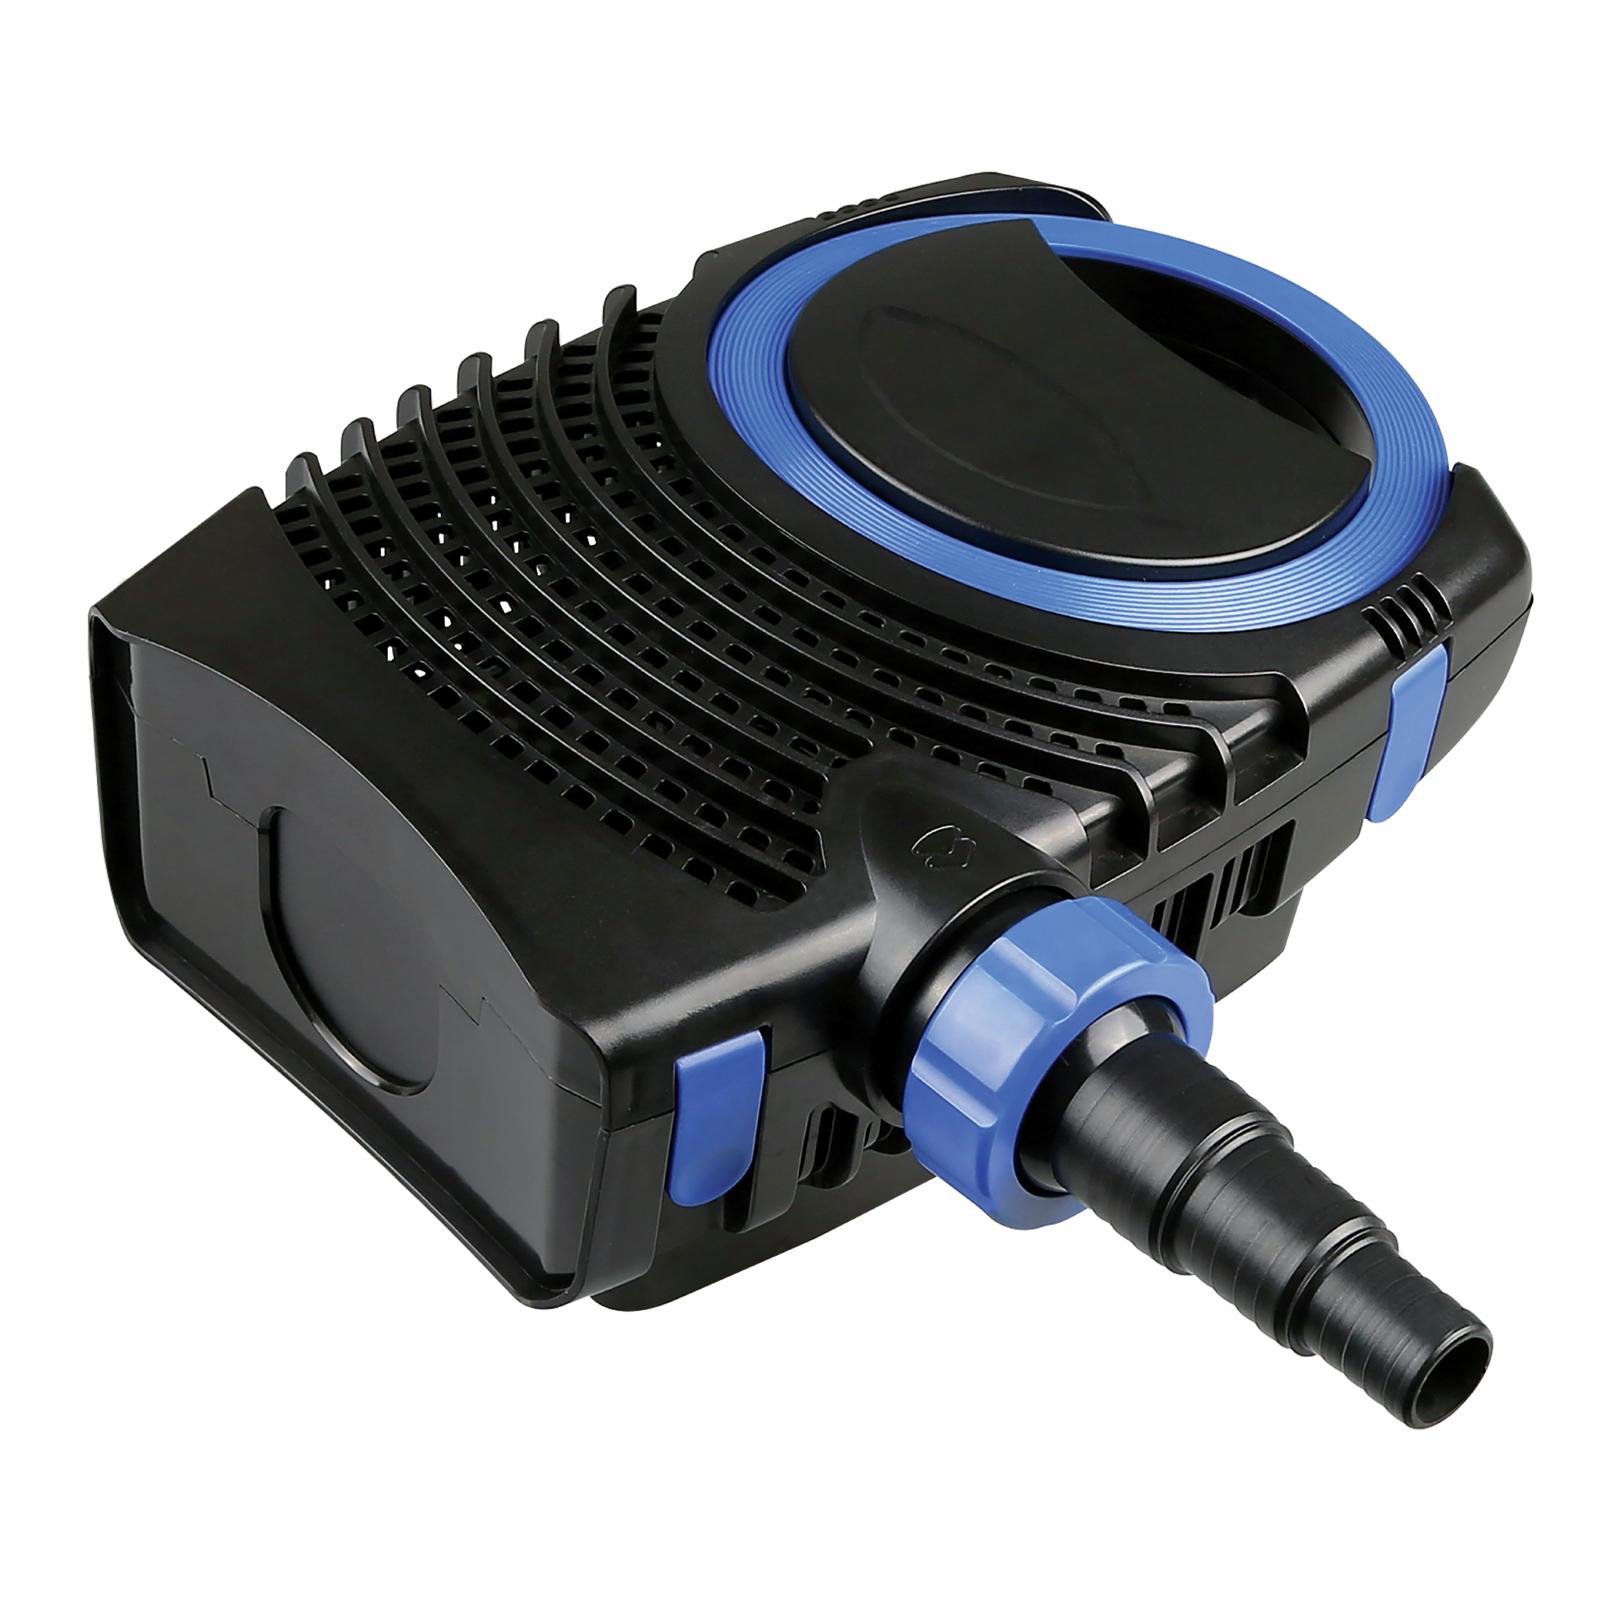 Aquapro AP6100DW Filtration Pump